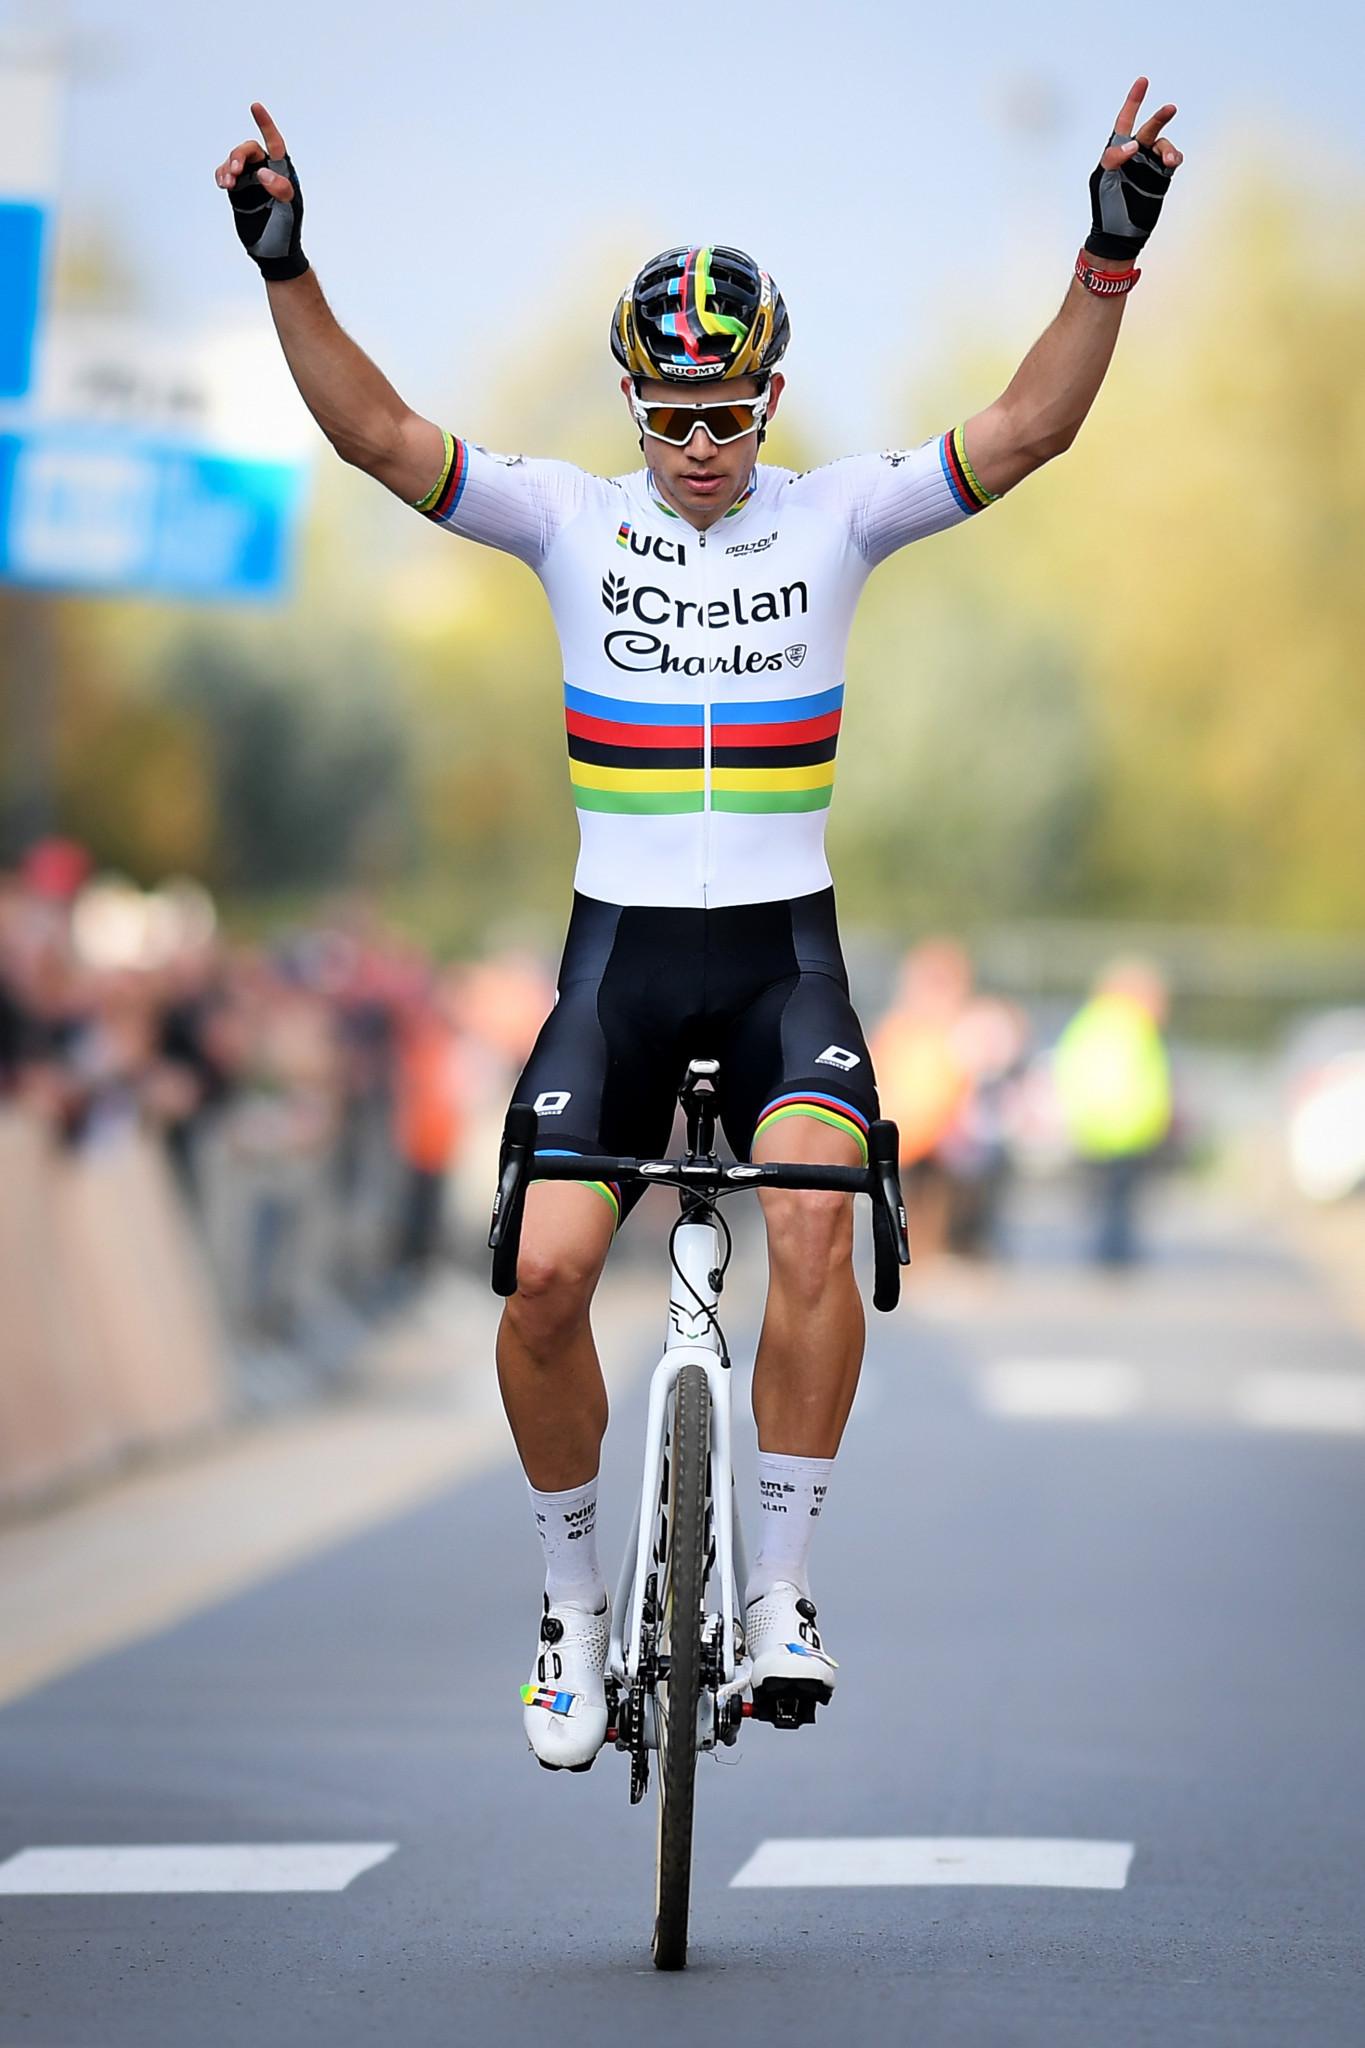 Van Aert tops men's elite podium at UCI Cyclo-cross World Cup in Namur